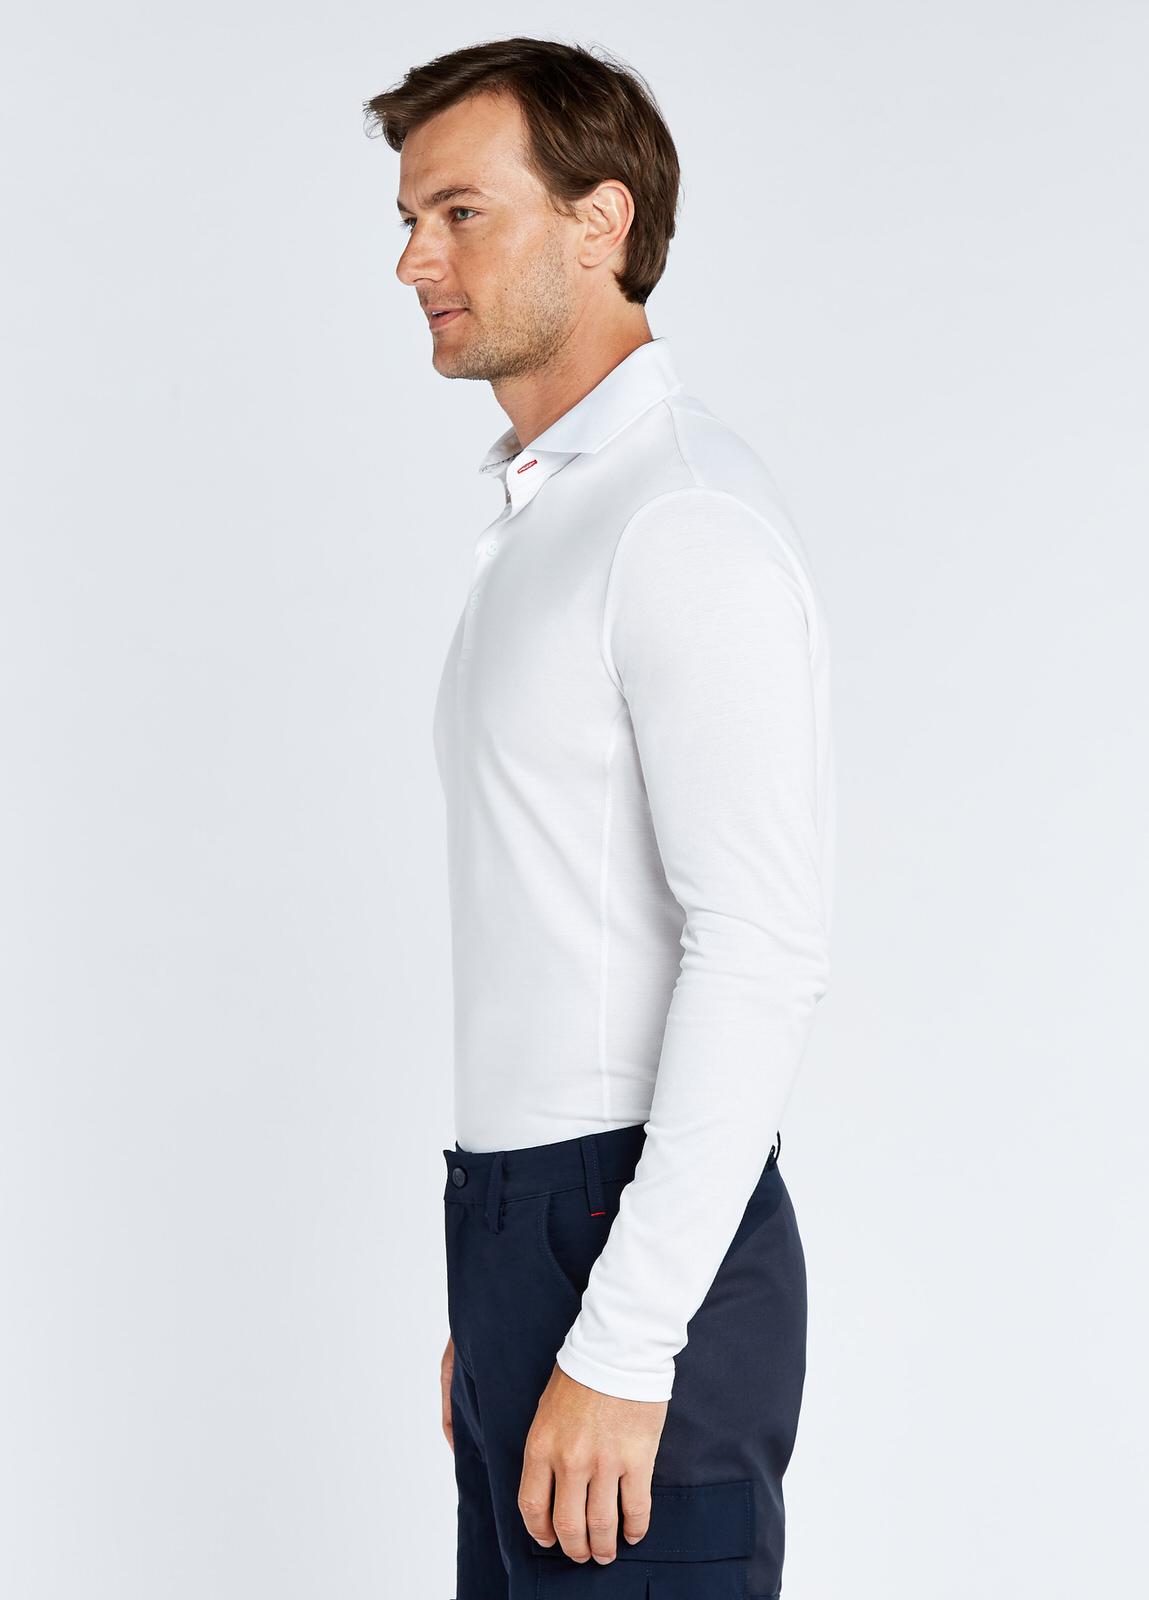 Freshford Unisex Long-sleeved Polo - White